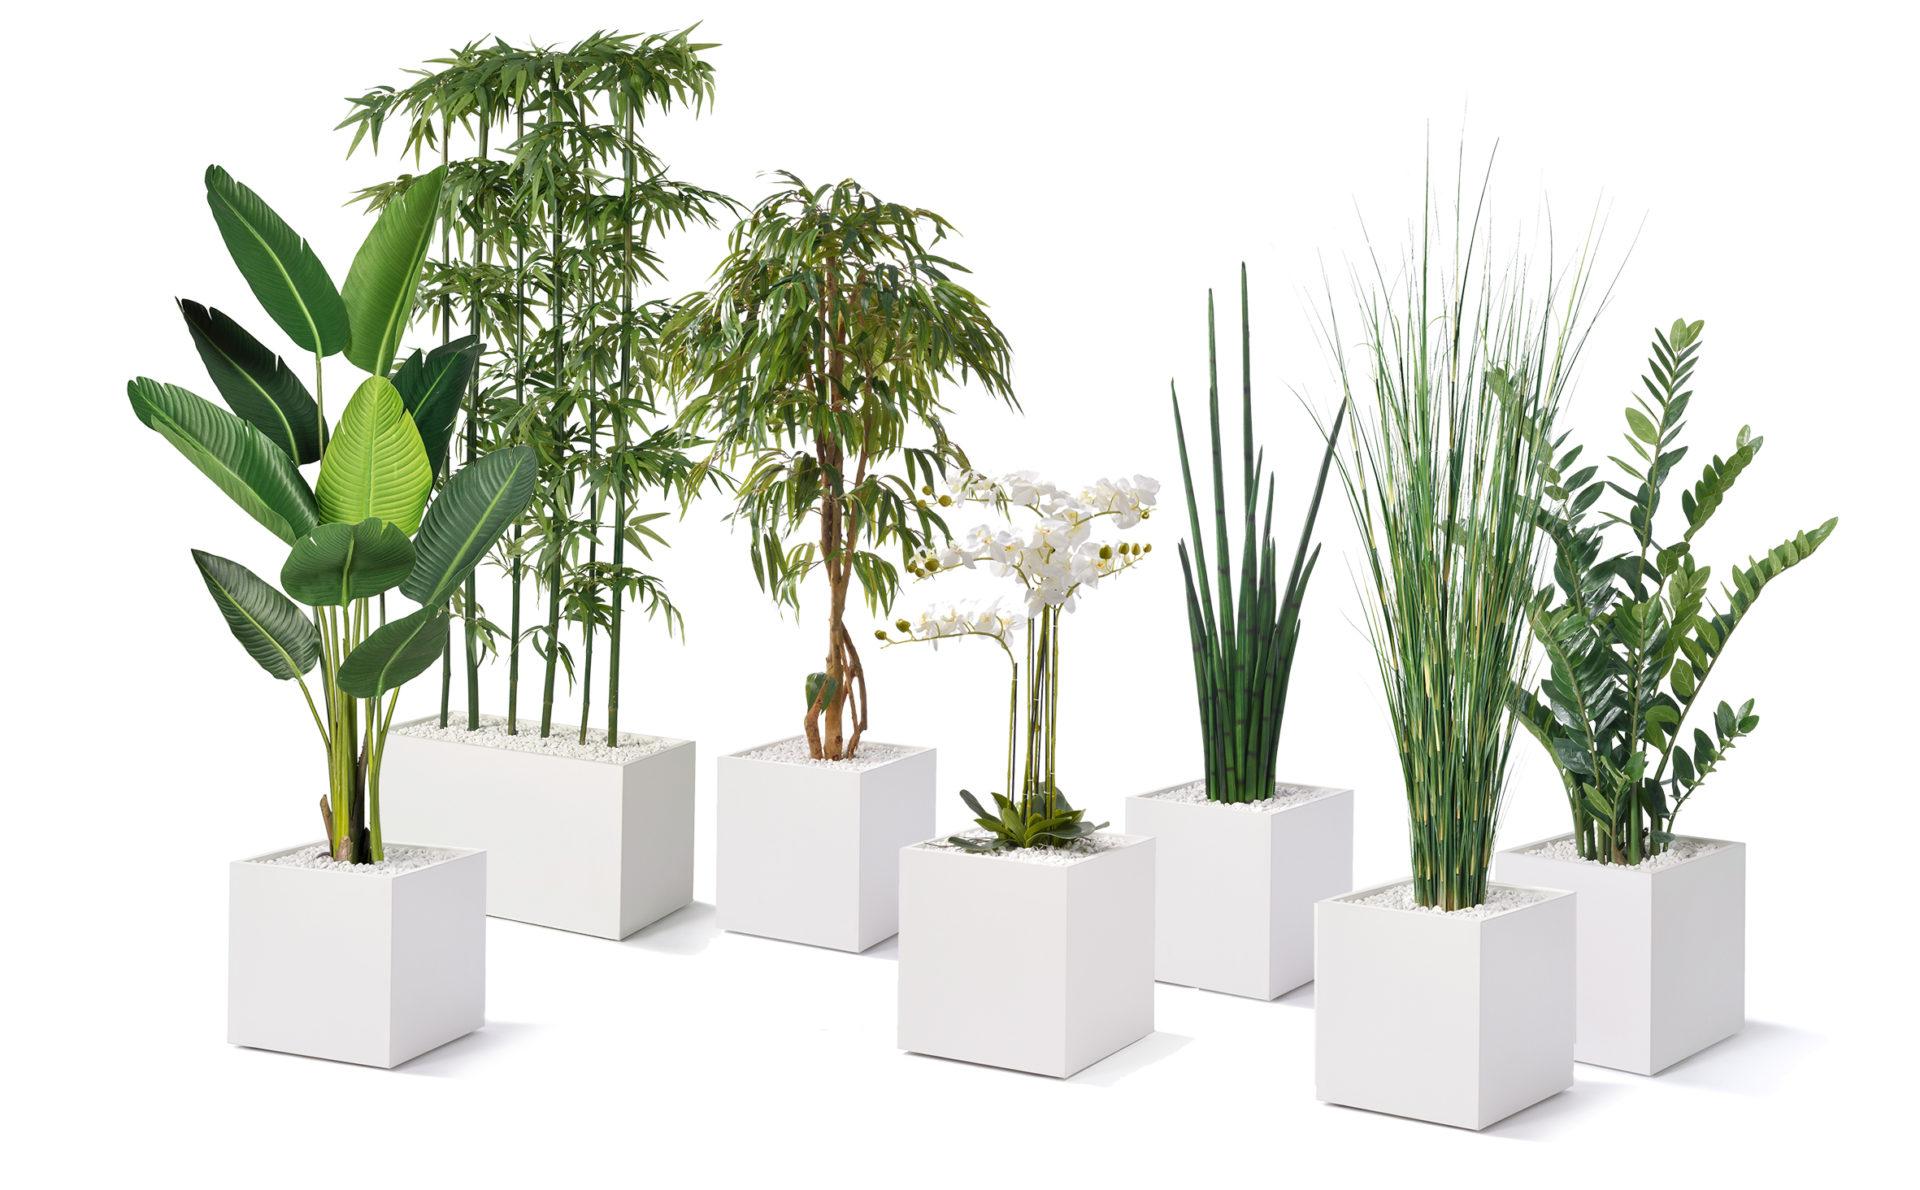 Büropflanze Kunstpflanze Zusammenstellung